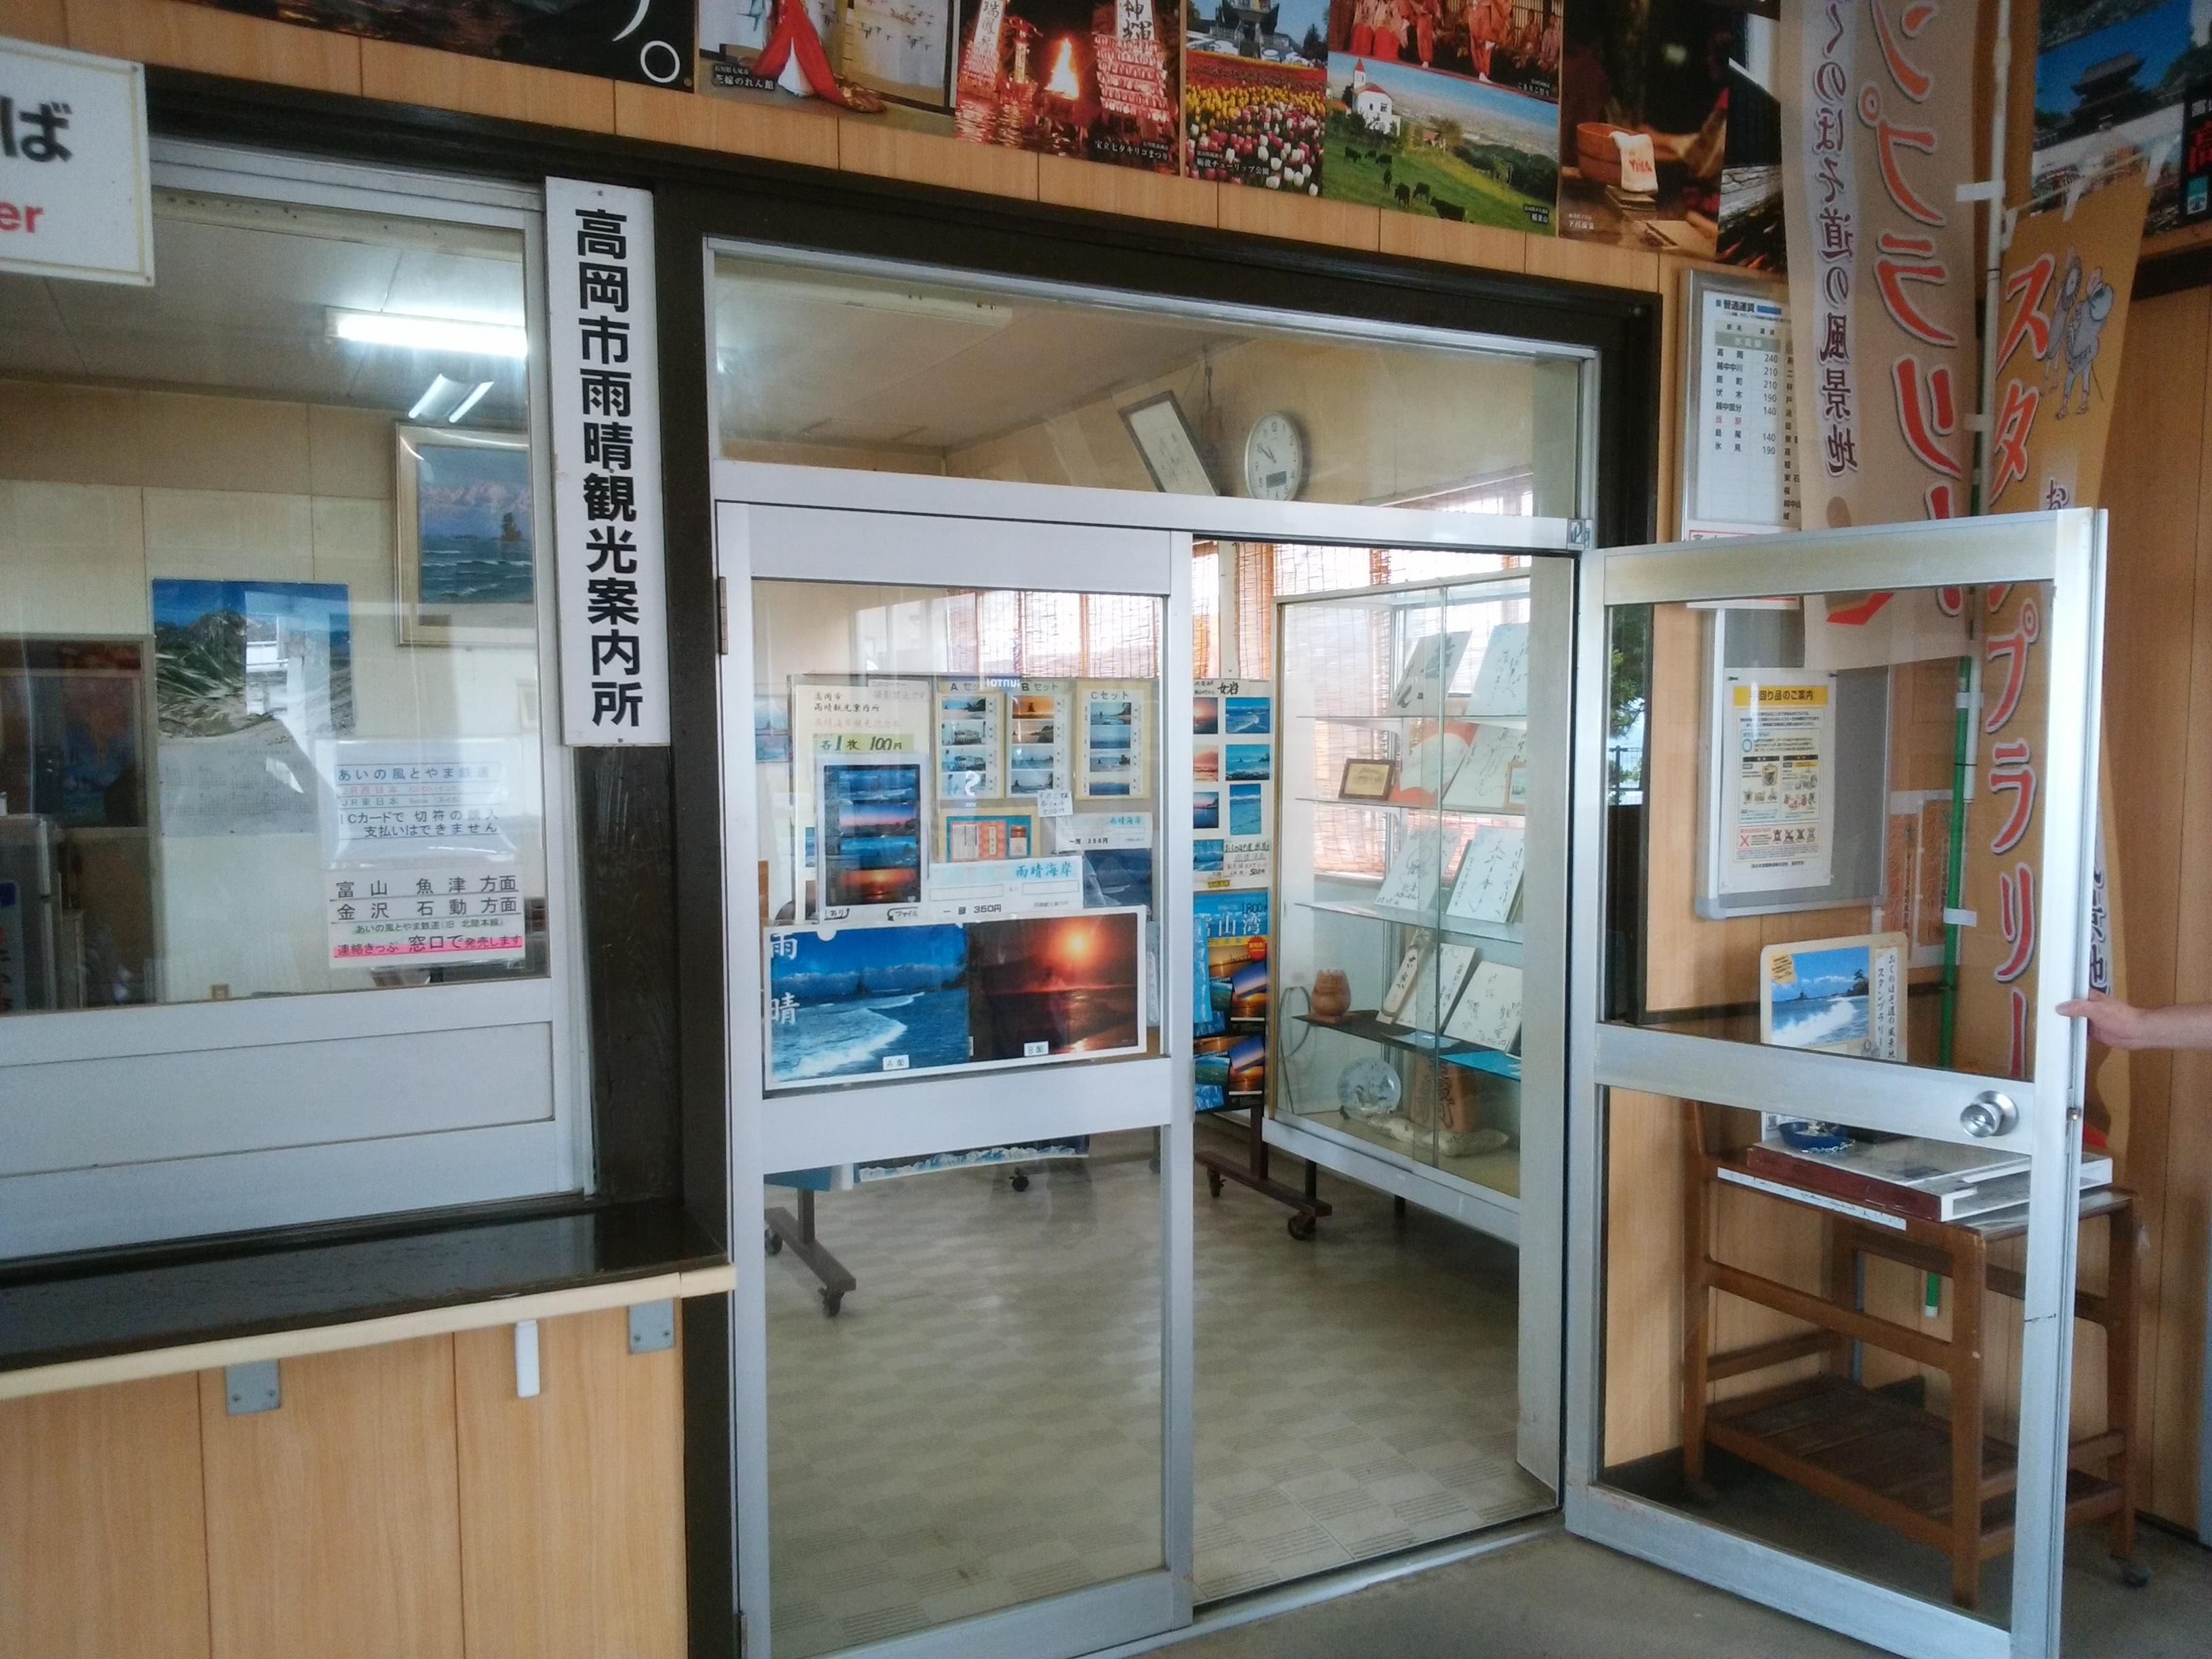 雨晴駅観光案内所画像2